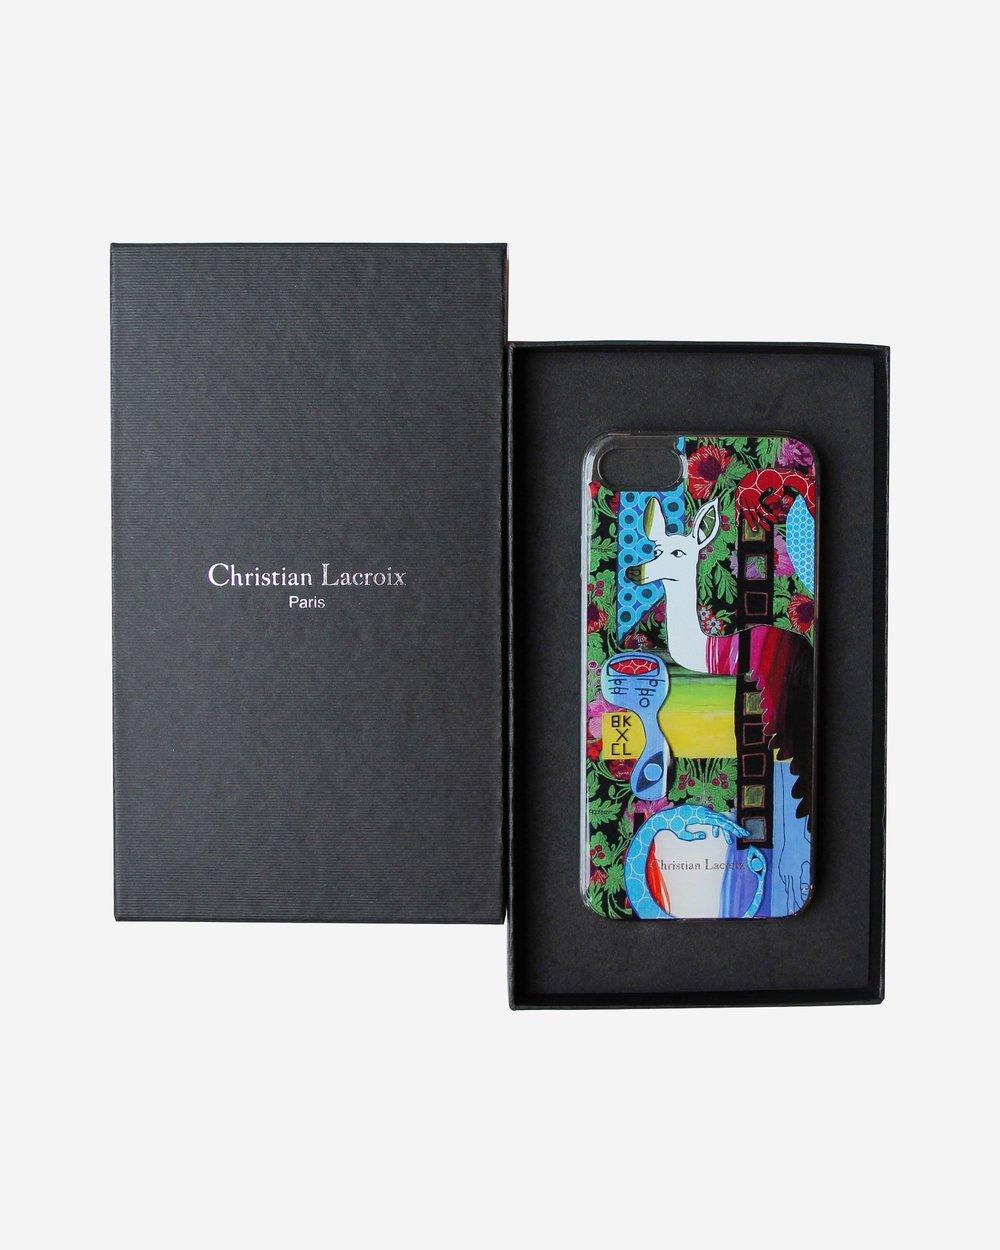 lacroix-30-ans-cl-x-bk_iphone3-case_jardin-secret_1_1.jpg